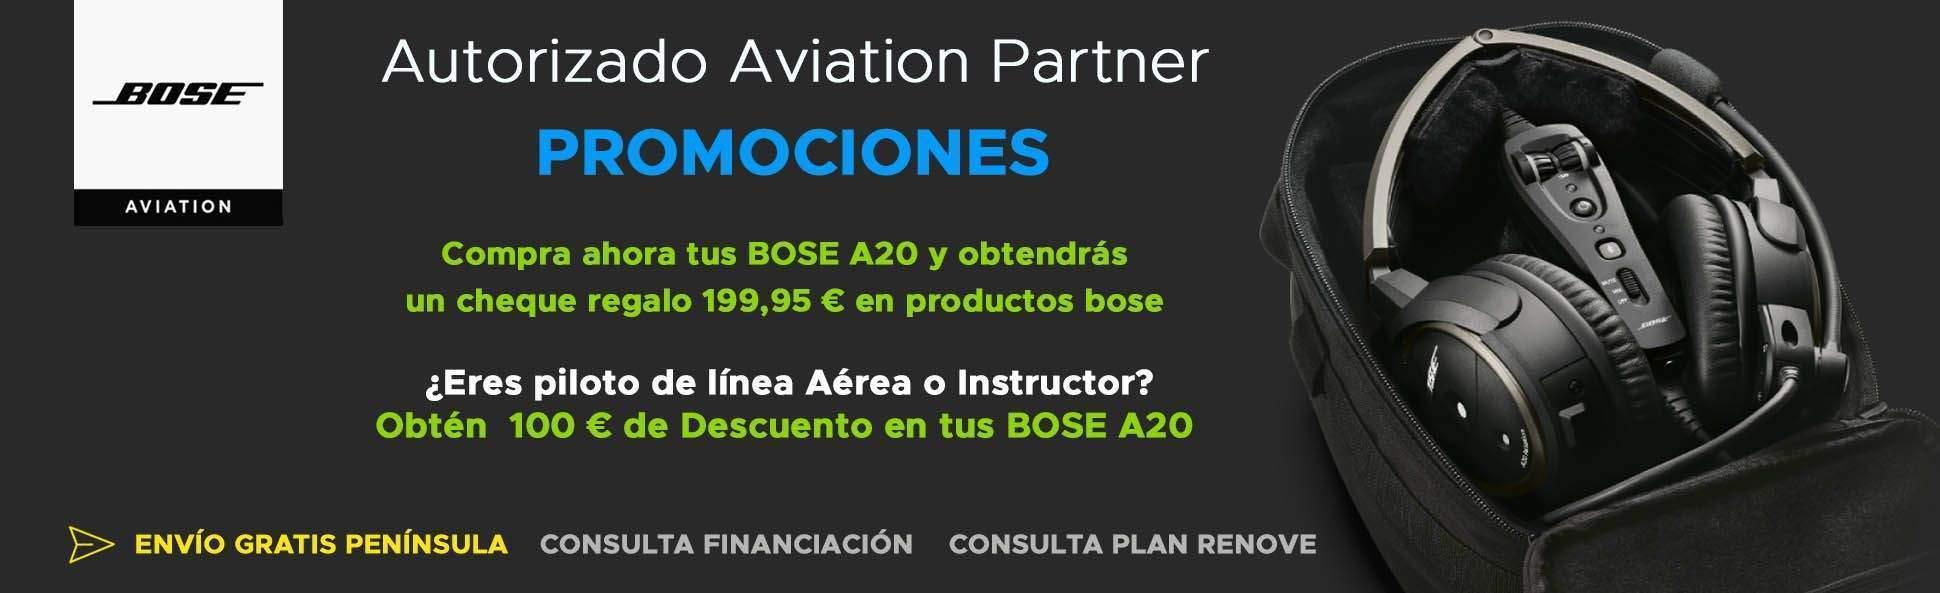 Promocion Bose A20 Verano 2020 España, Descuento 100€